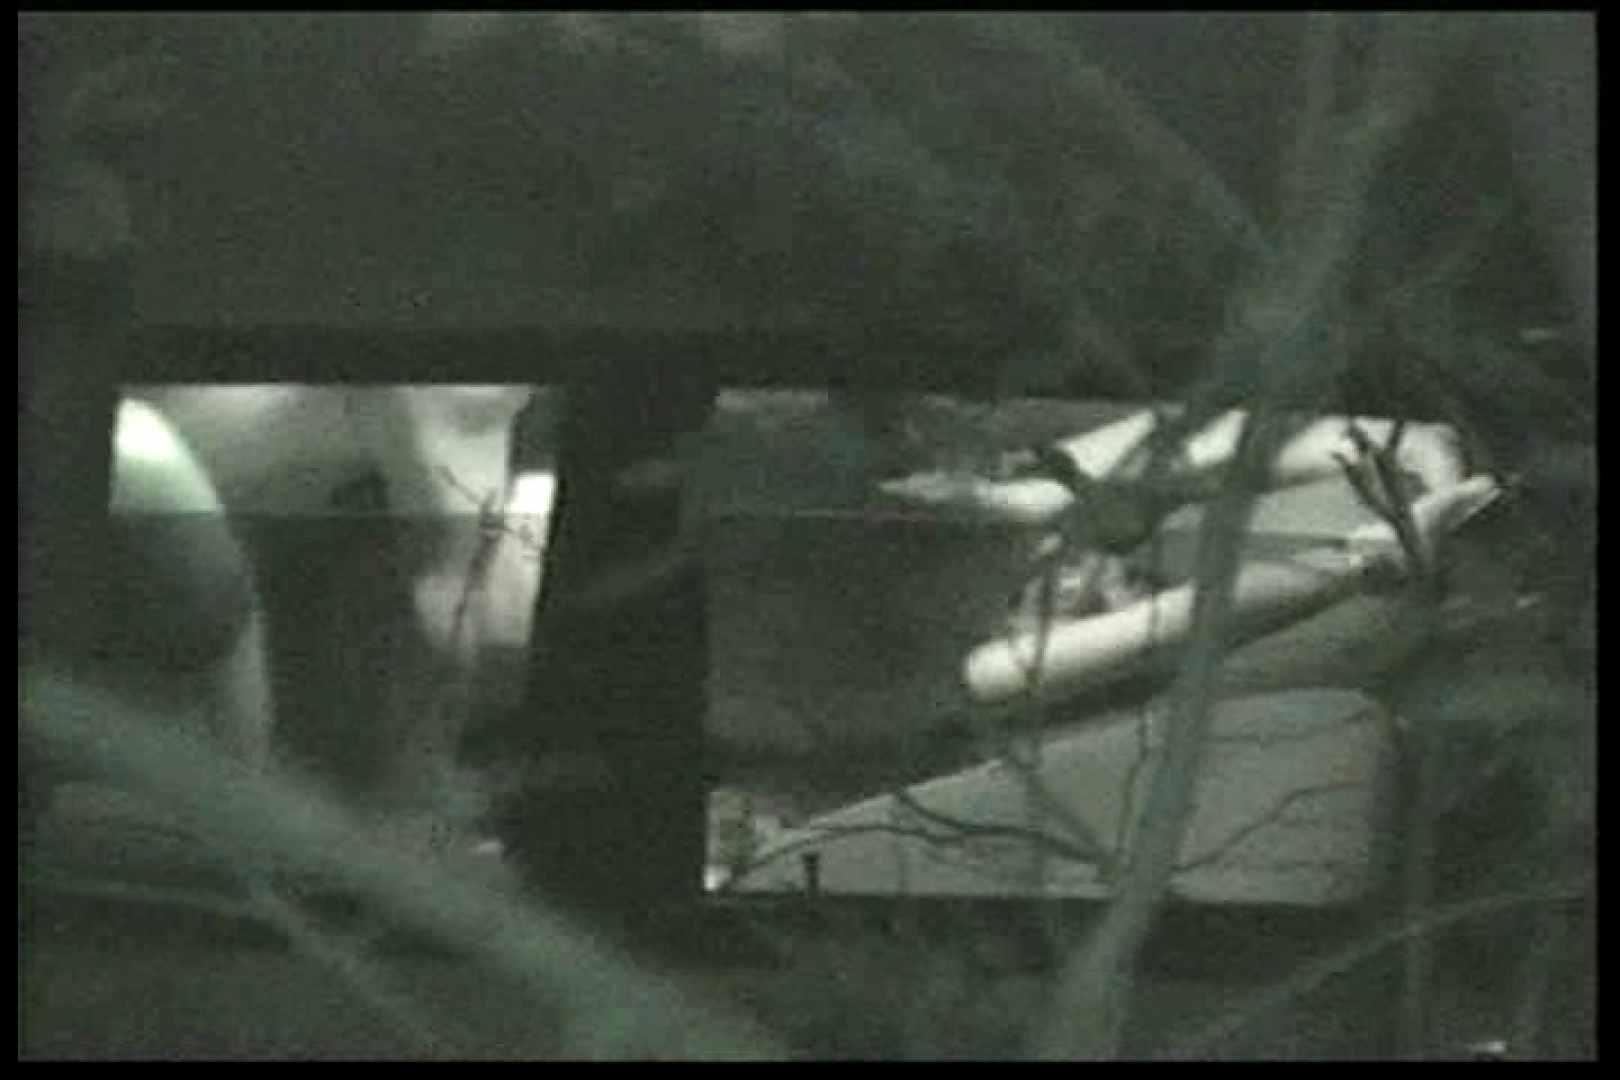 車の中はラブホテル 無修正版  Vol.15 OLの実態 覗きワレメ動画紹介 89pic 30